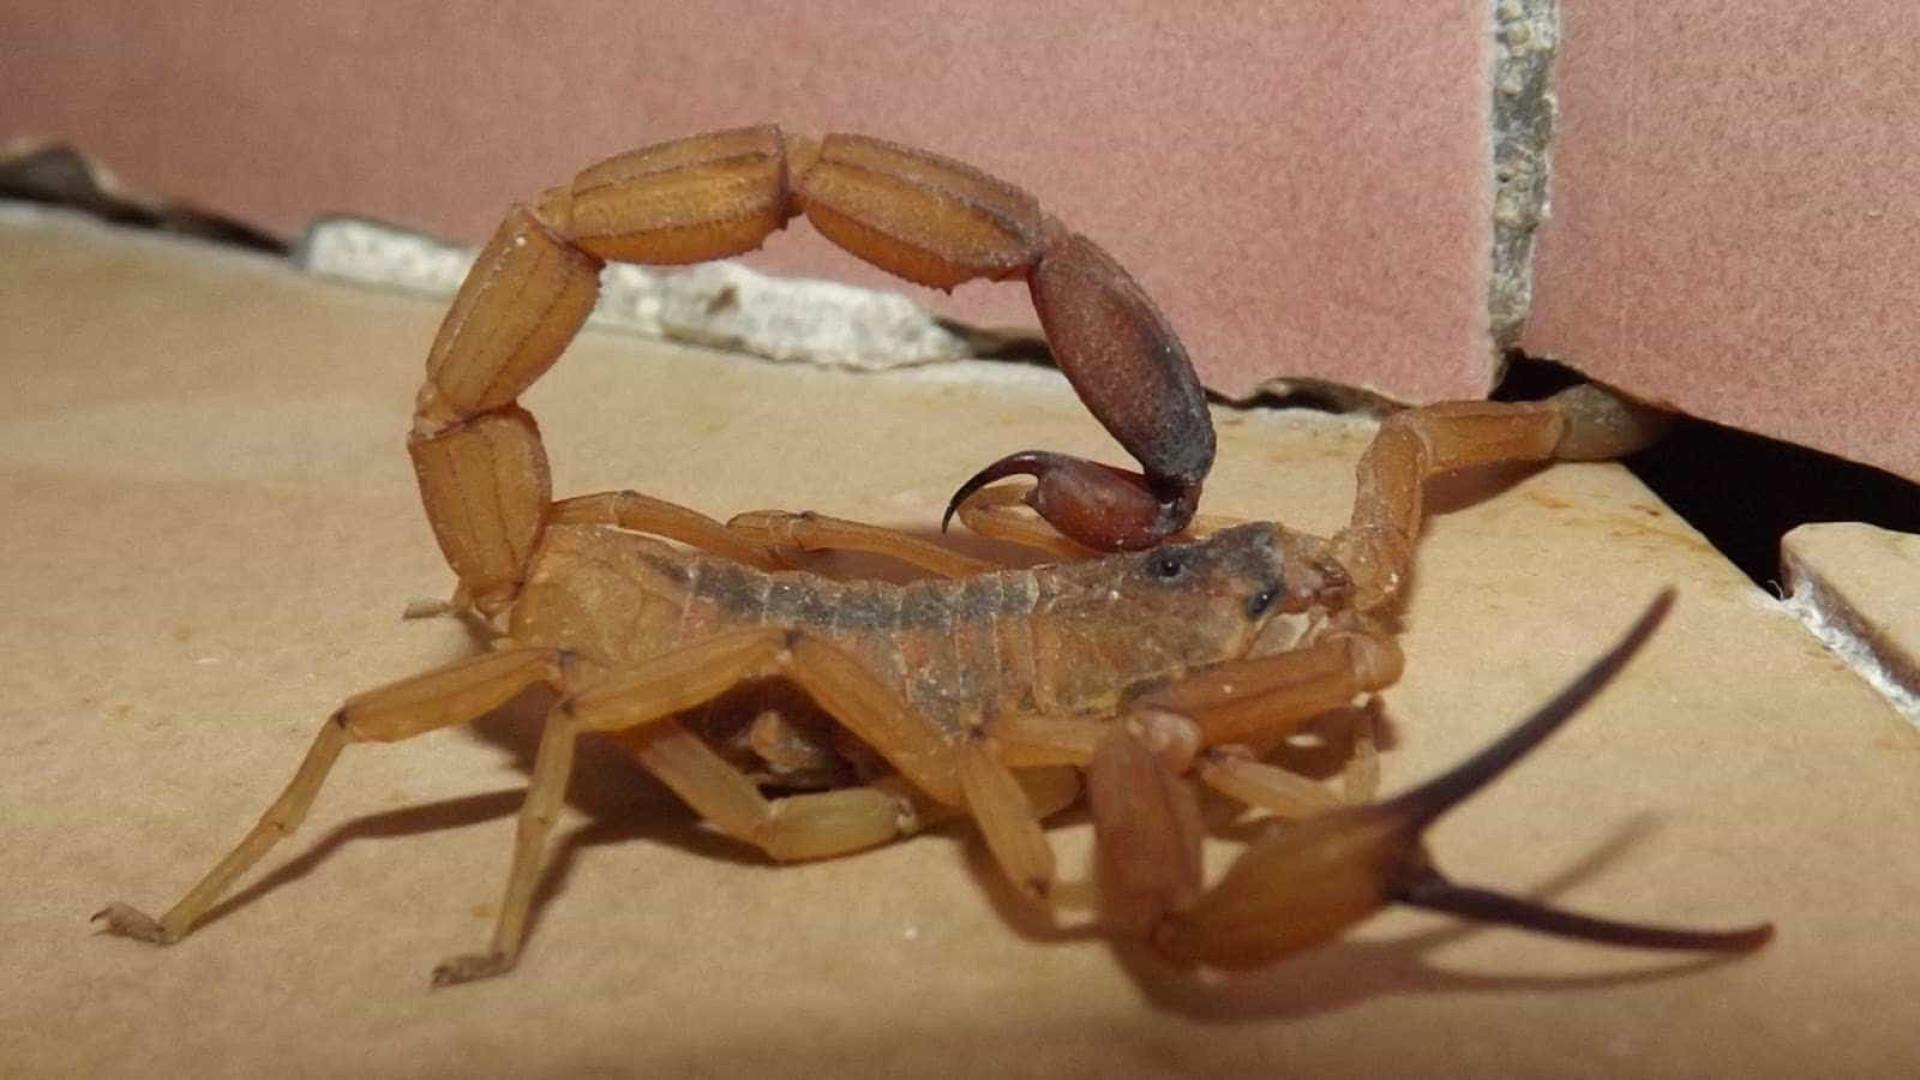 Menina de 6 anos morre após ser picada por escorpião em SP